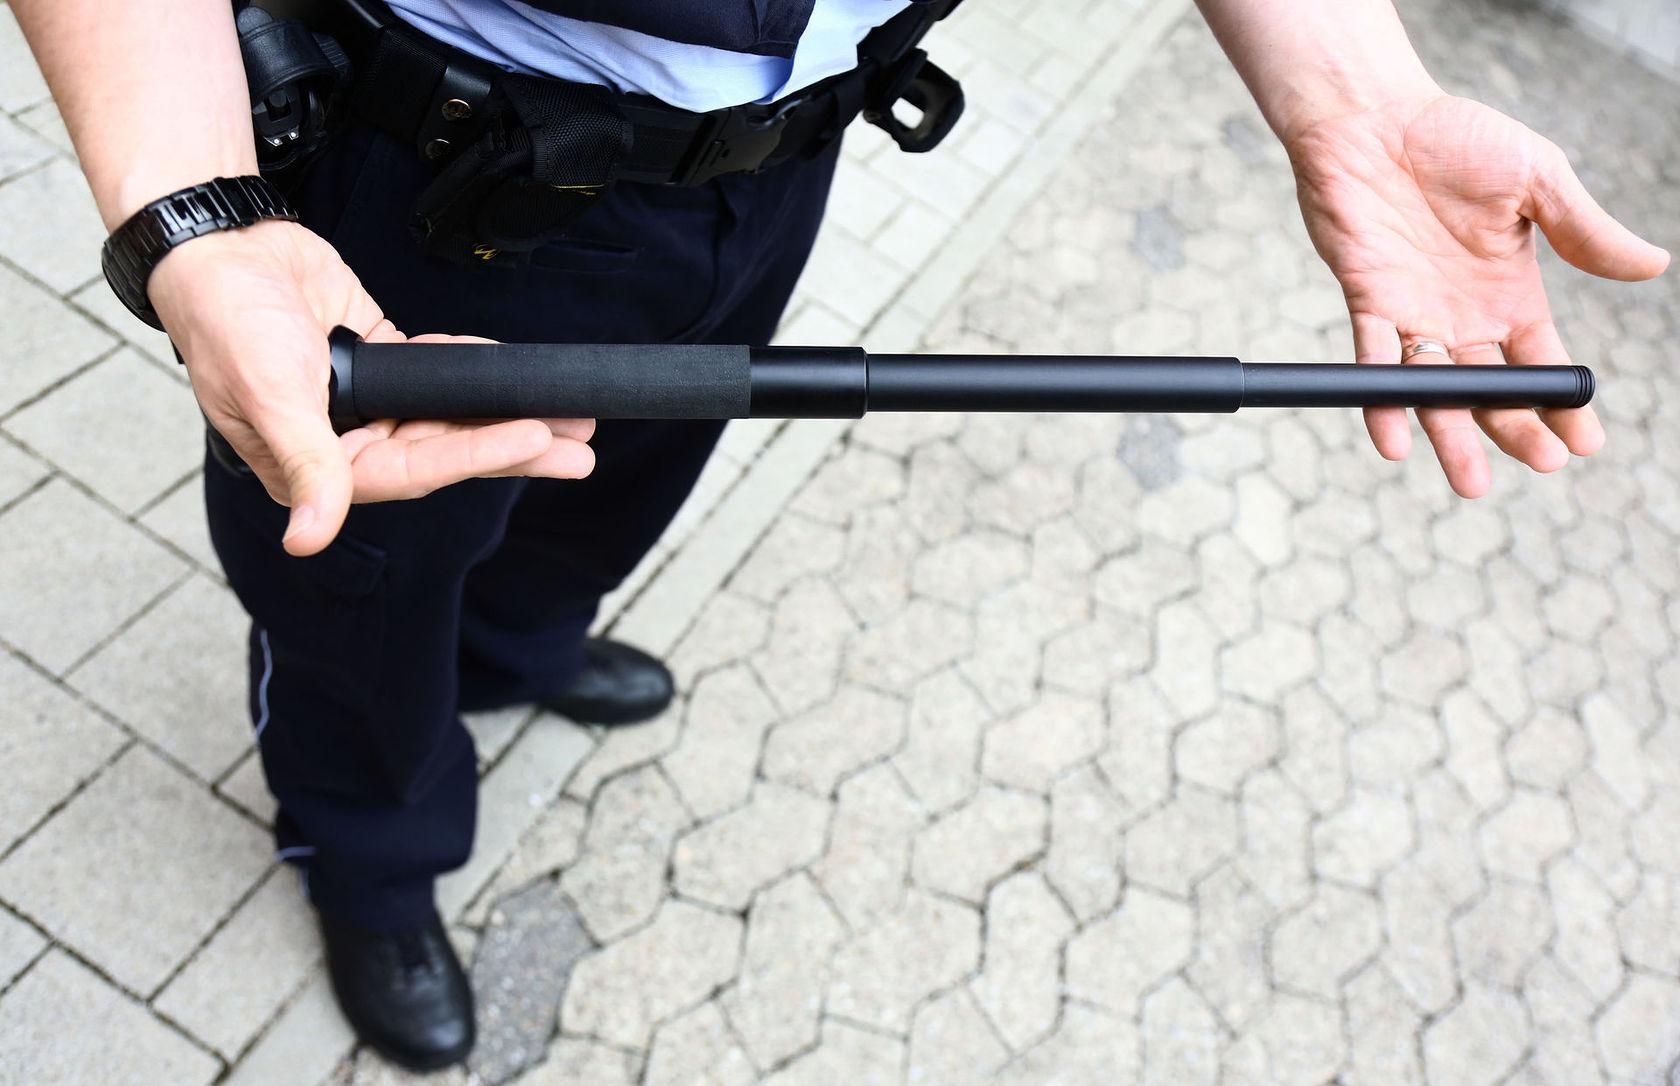 Teleskopschlagstock Polizei